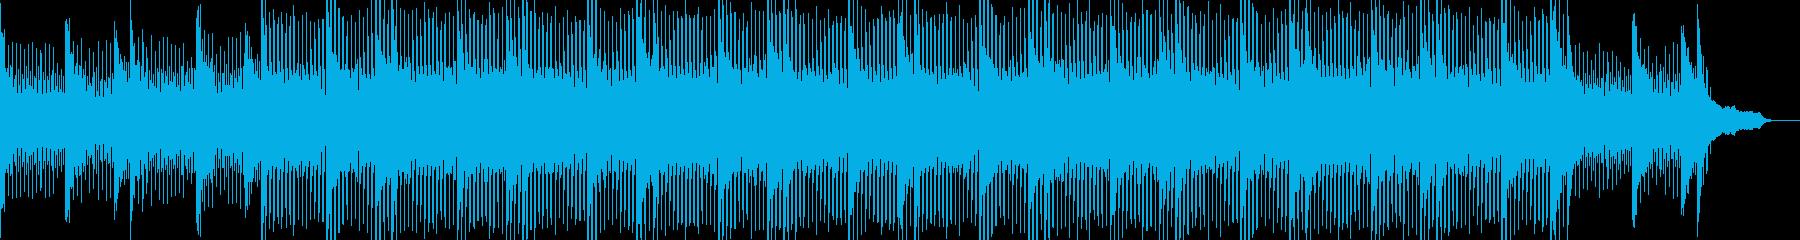 挑戦・信頼・スピード感 企業vpにの再生済みの波形